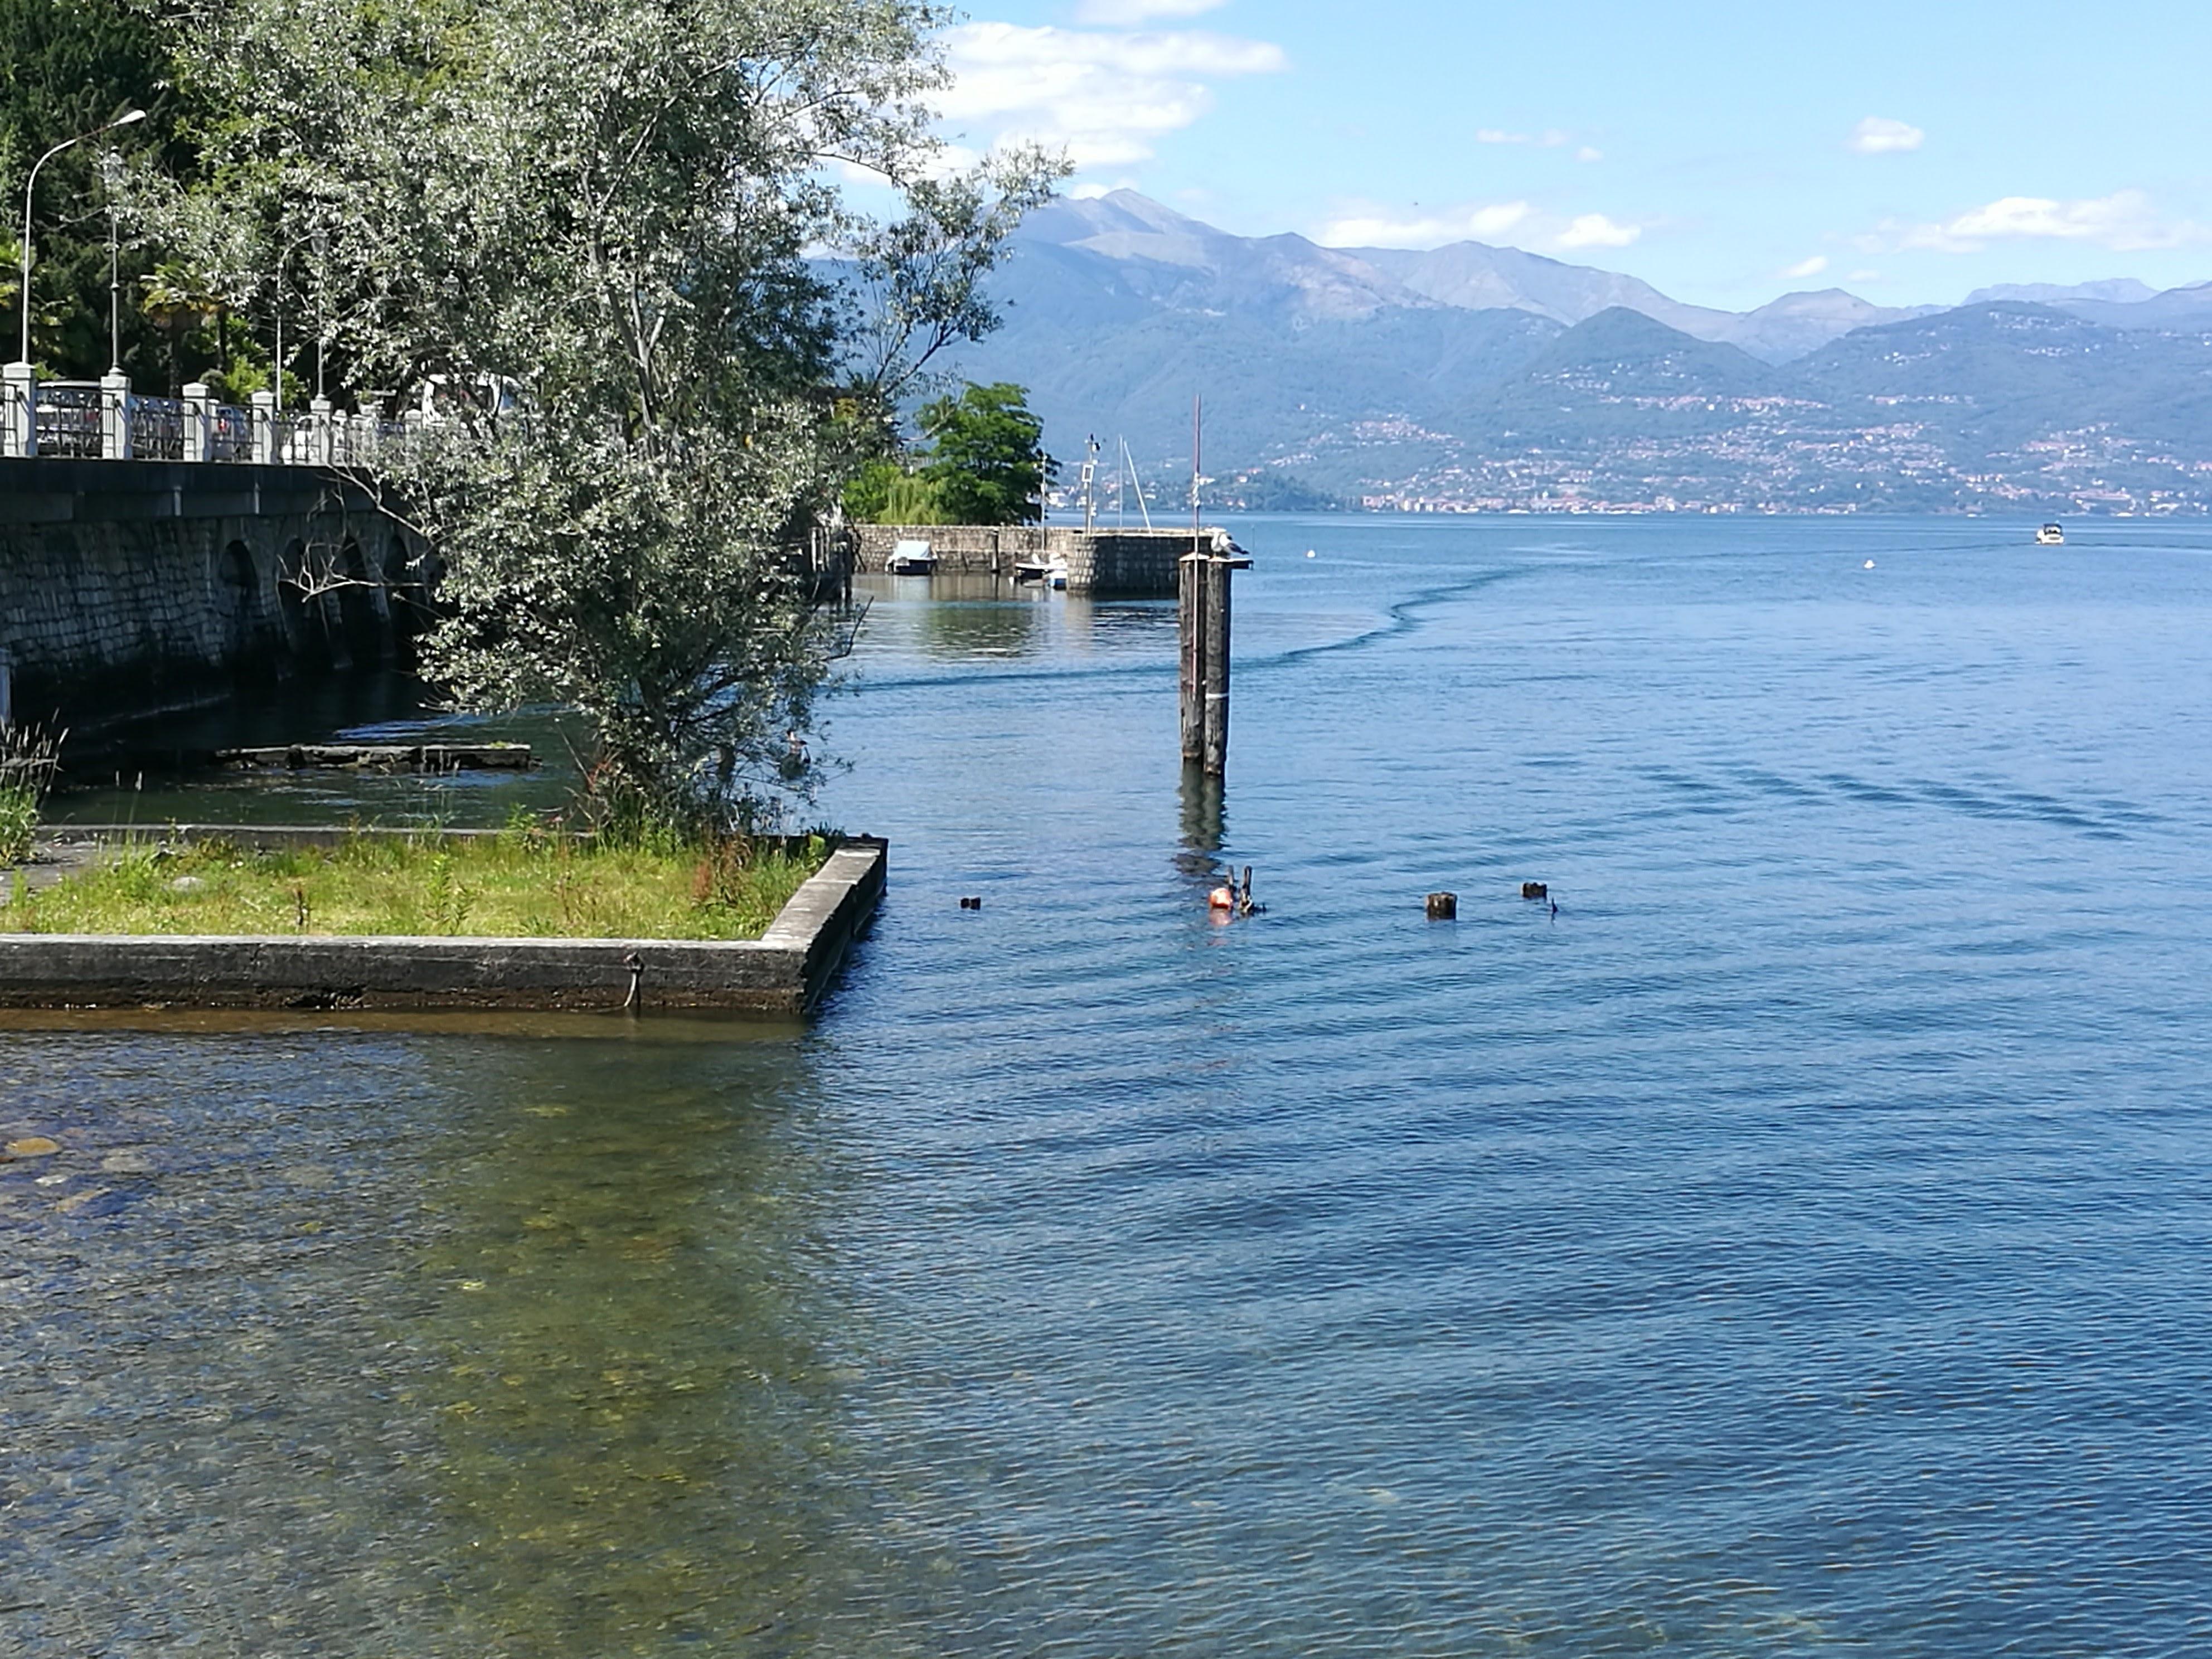 The shores of Lake Maggiore